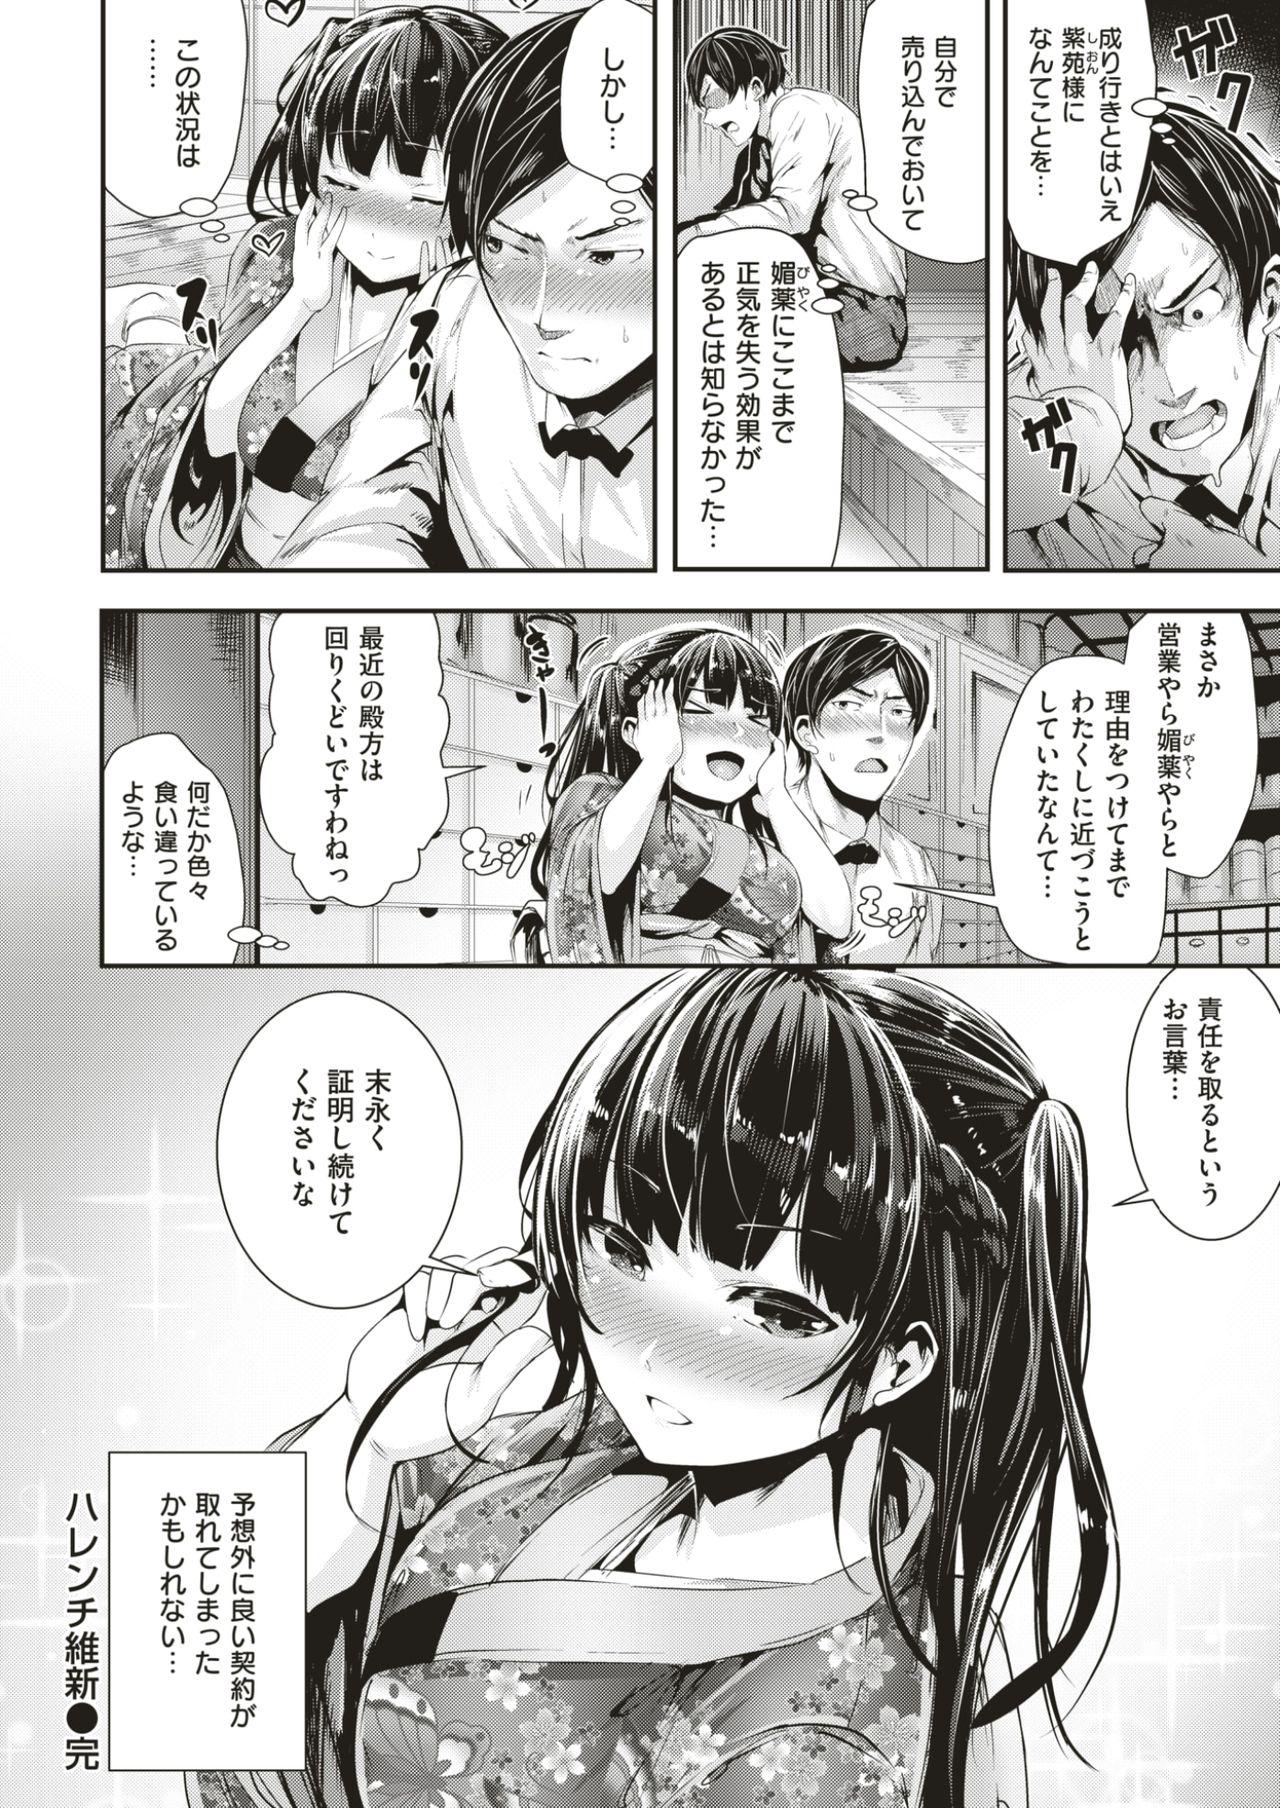 COMIC Kairakuten BEAST 2017-05 24